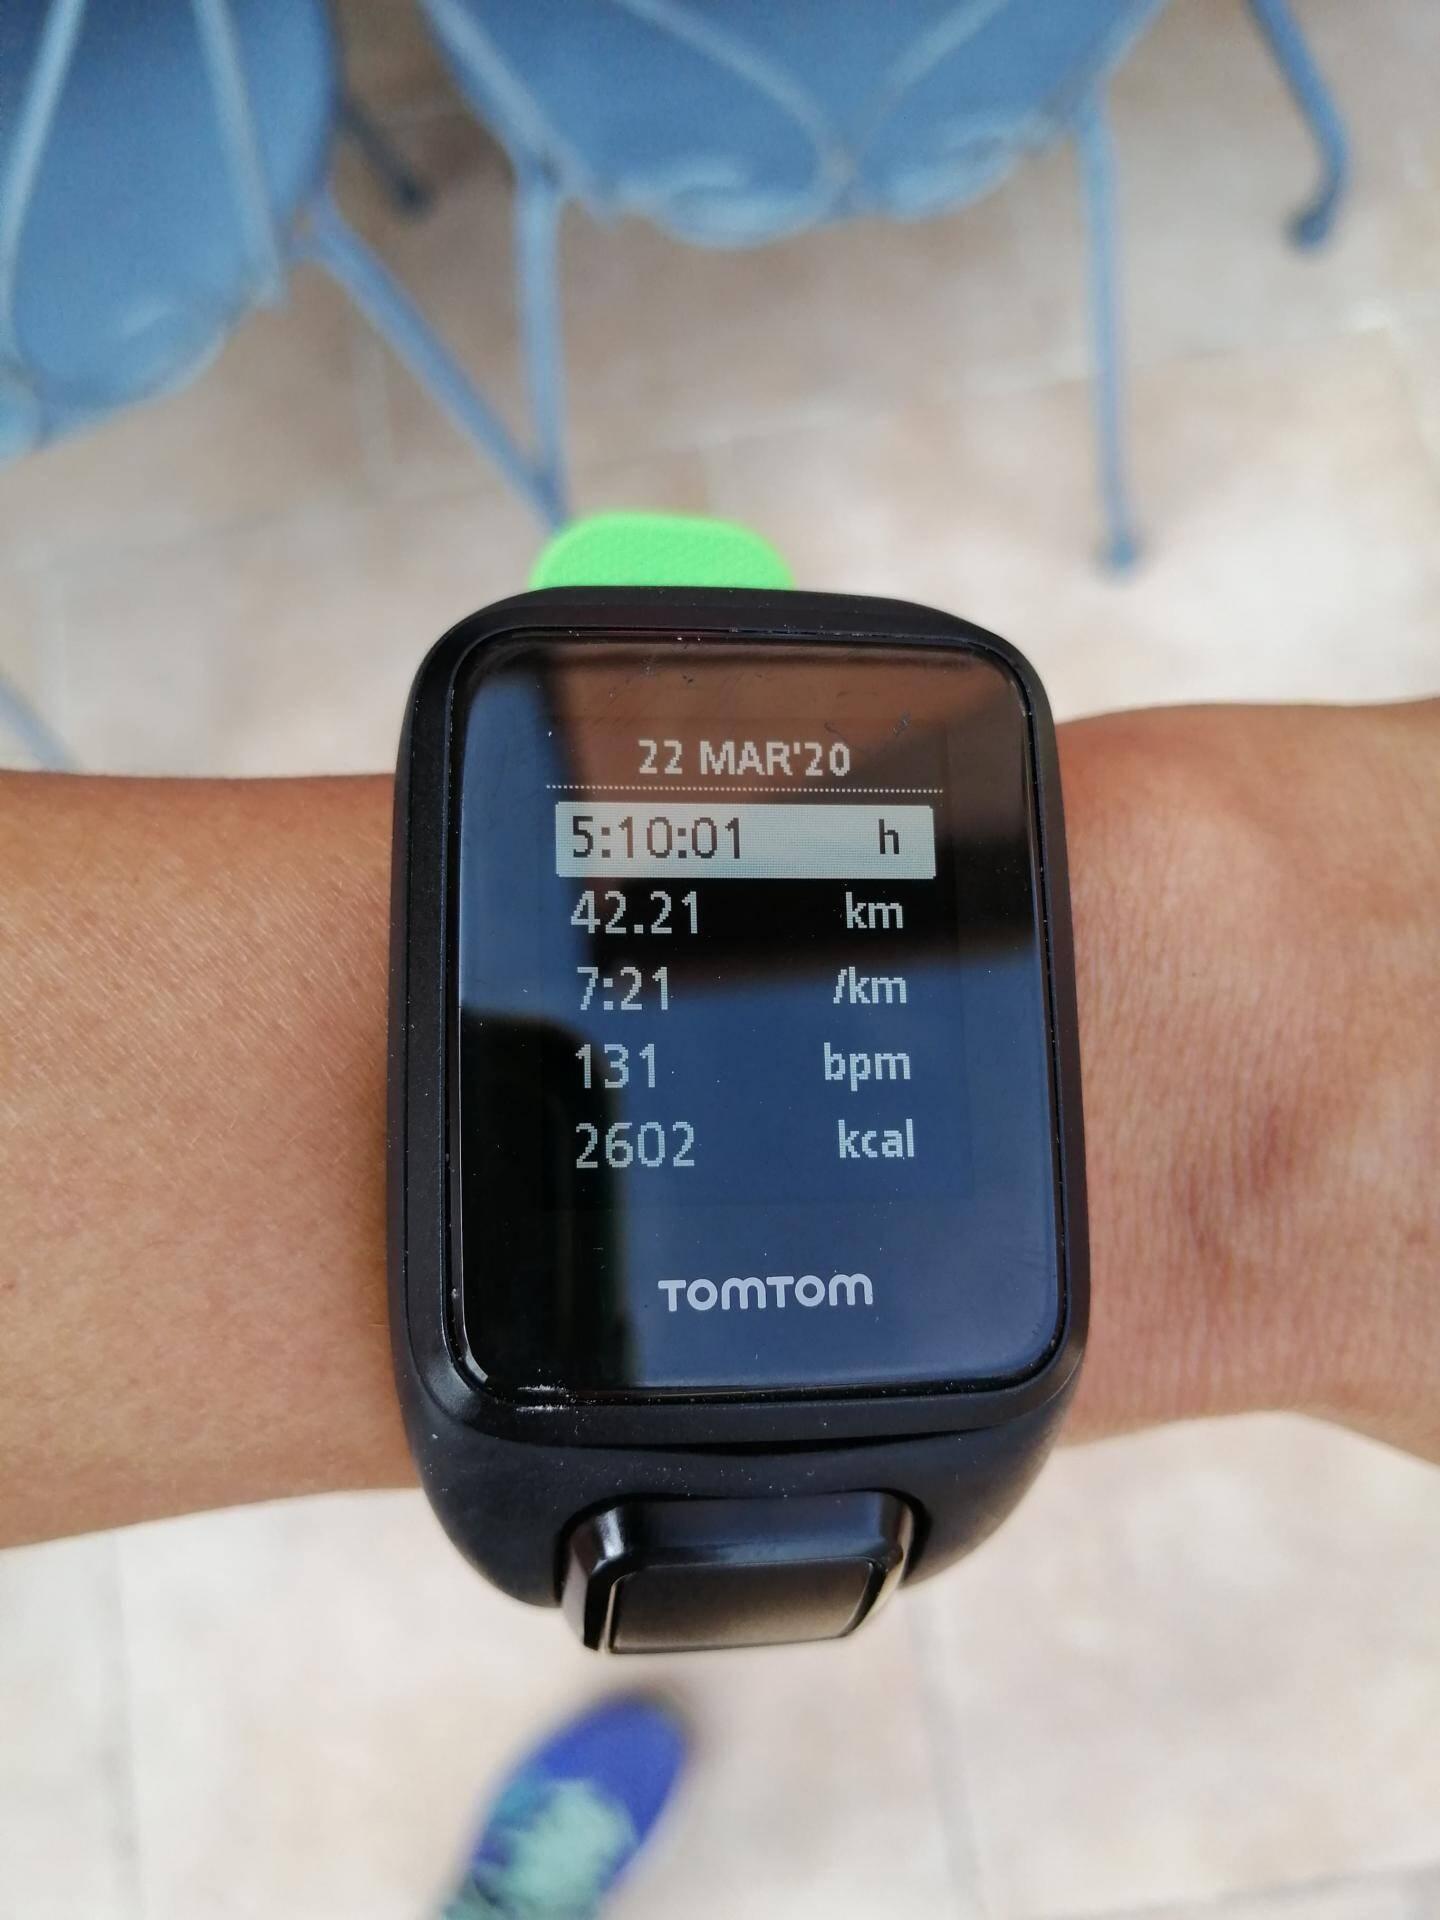 """Si l'envie de faire un marathon sur un petit périmètre vous vient, Gladys vous donne un conseil technique : """"mettre sa montre en mode tapis de course. Sinon, le GPS se perd vite avec tous ces allers-retours et la distance n'est plus bonne""""."""